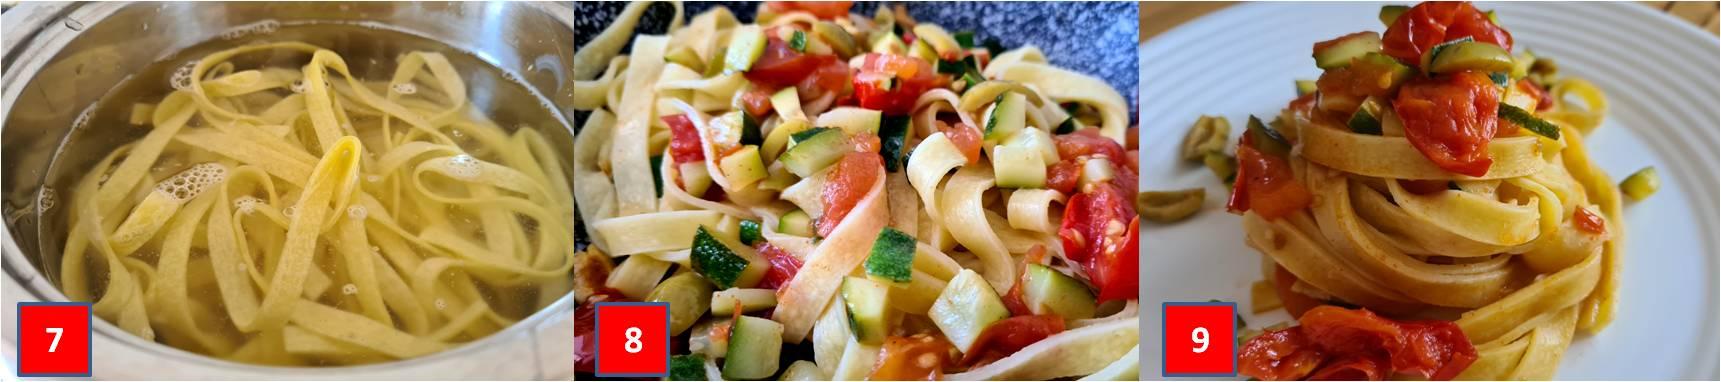 ricetta passo passo tagliatelle con datterino e zucchine 3